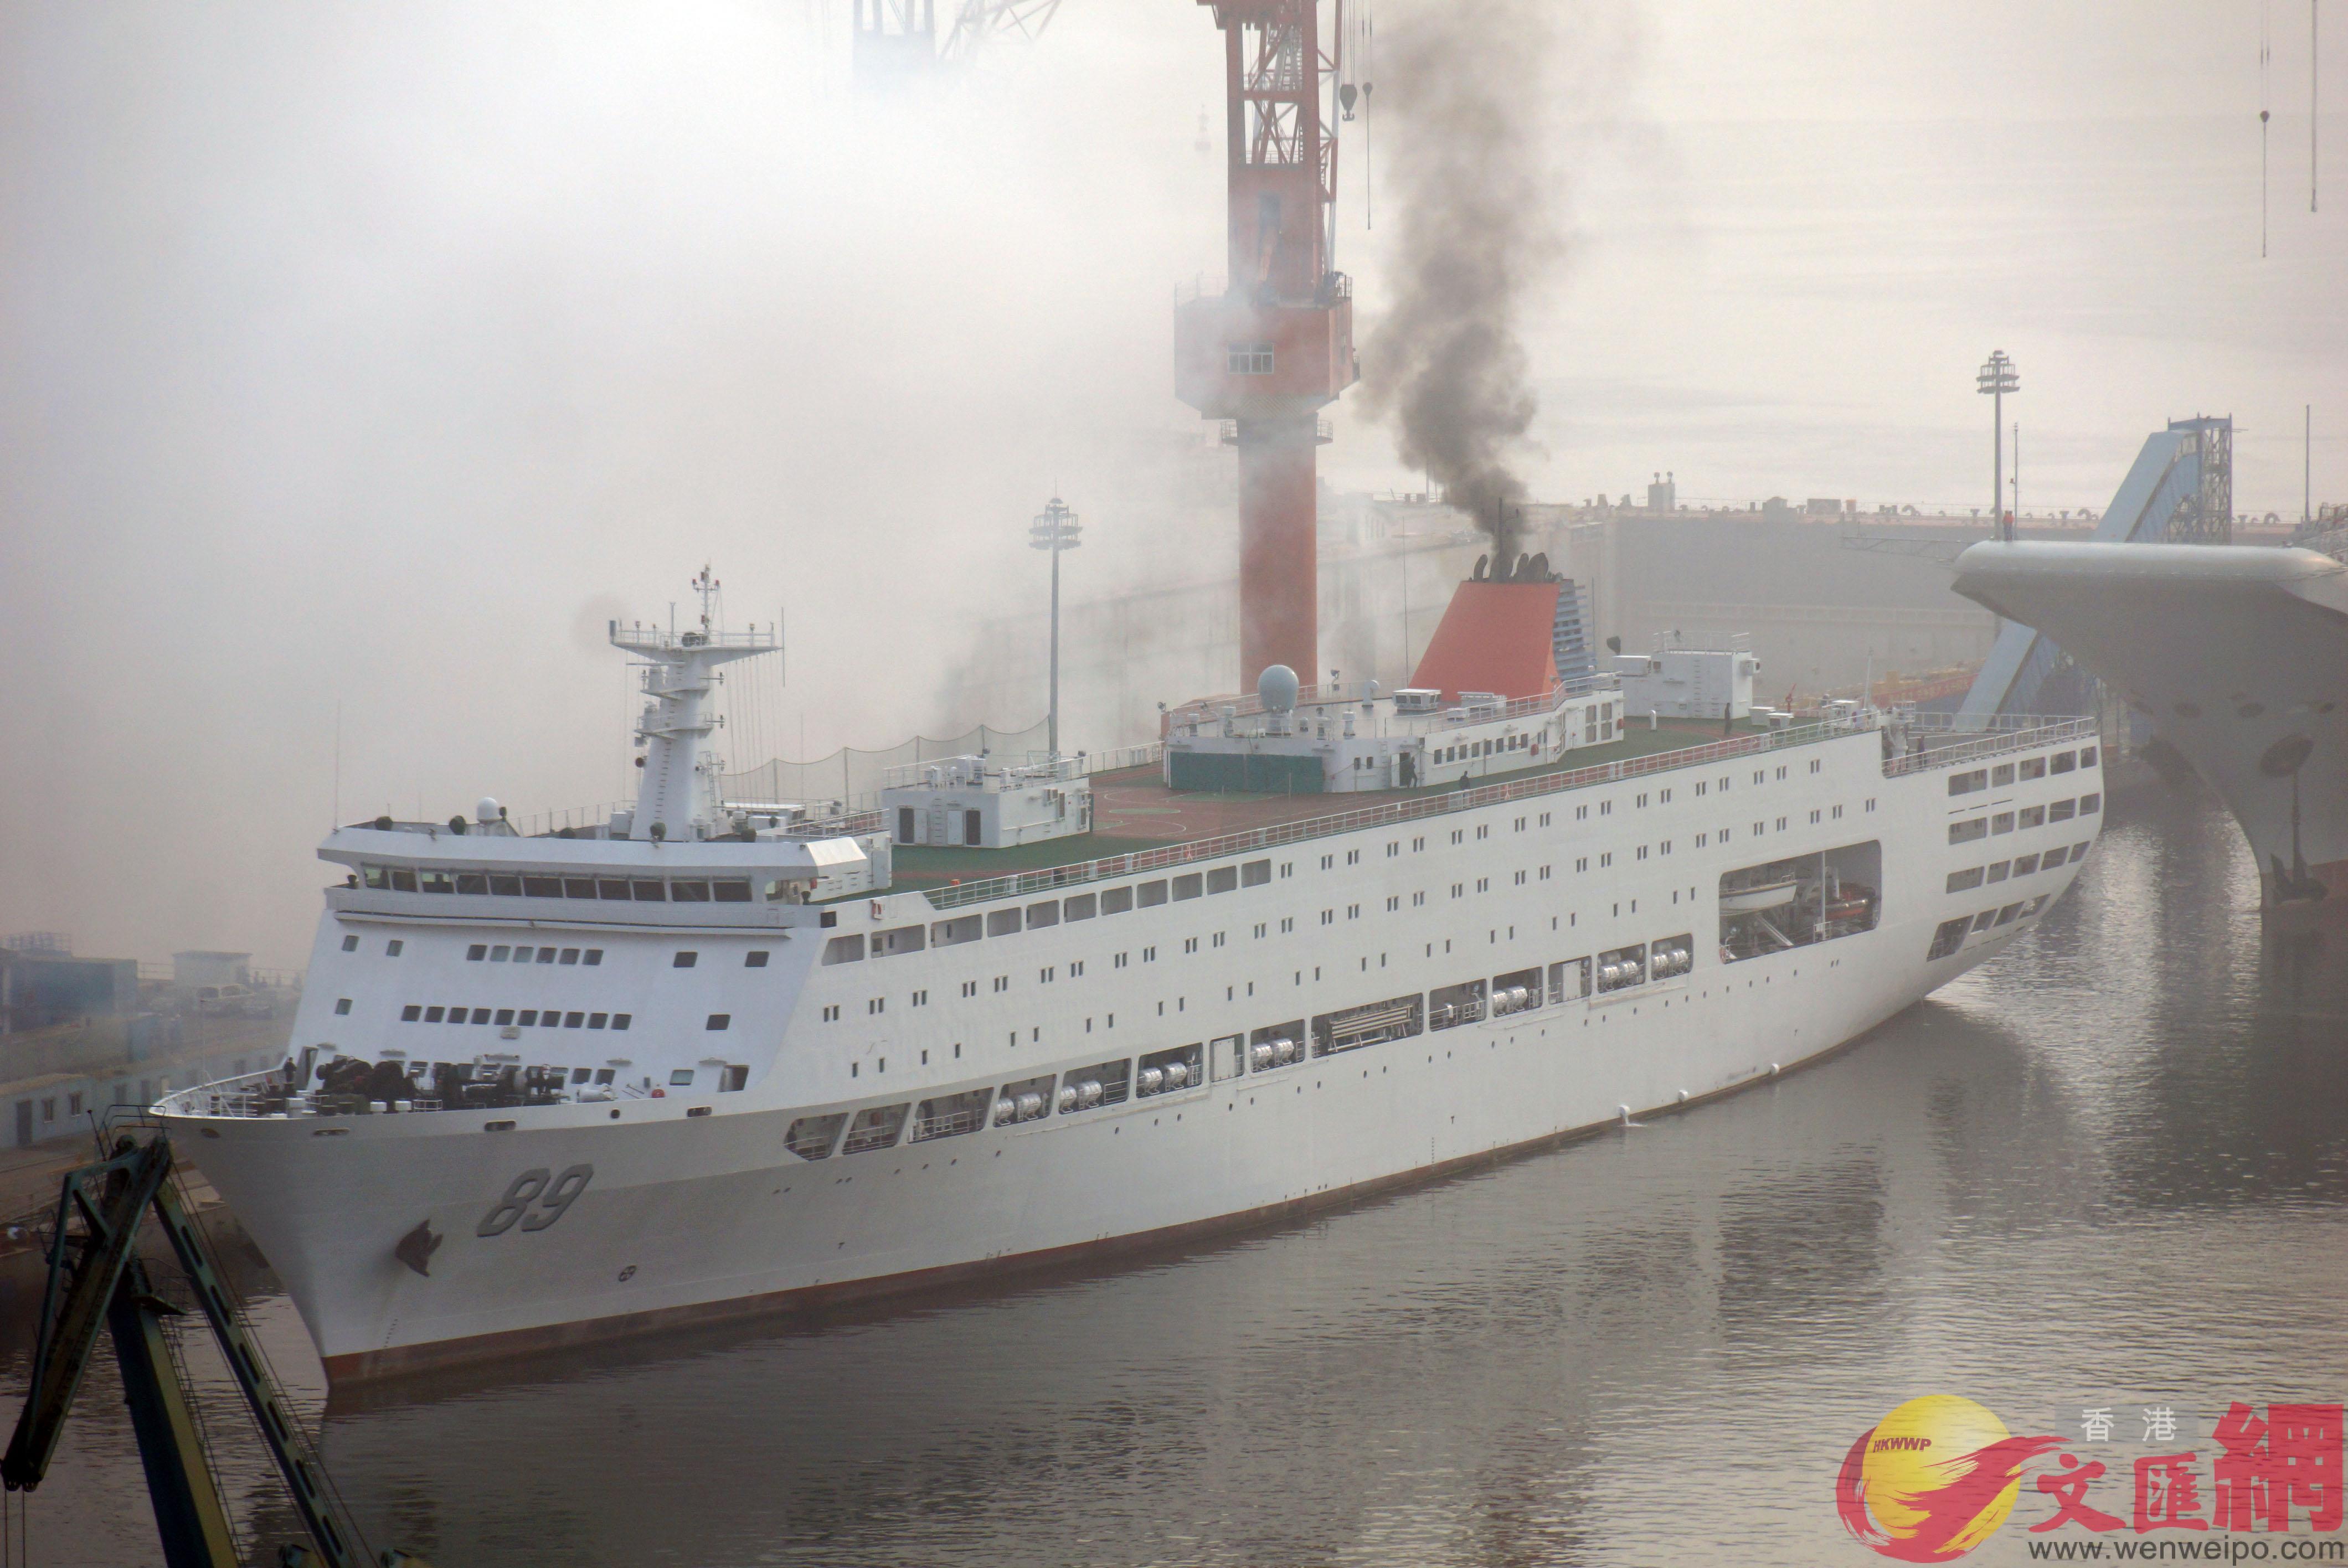 六點三十八分,廠區內響起鞭炮聲,登時塵煙四起。隨後,保障船開動引擎,冒出滾滾黑煙。